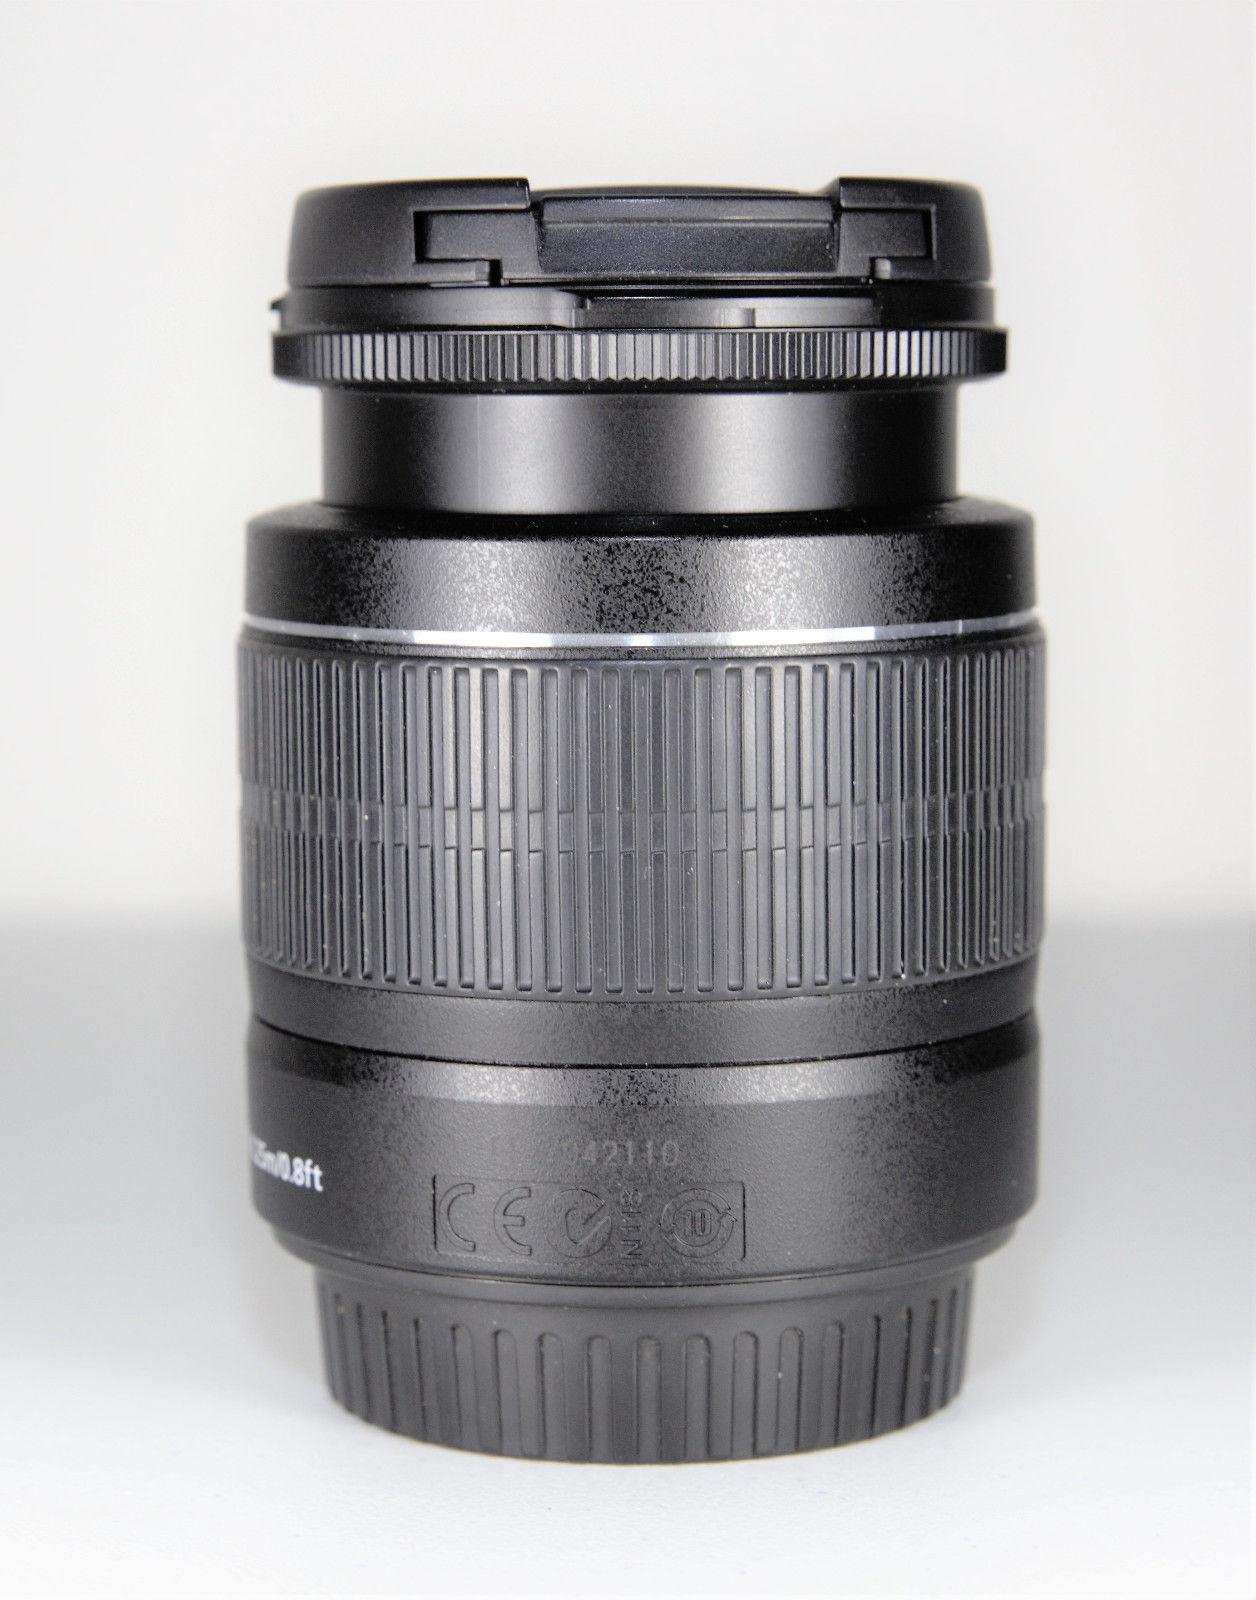 لنز دوربین 18-55 III18-55 IS